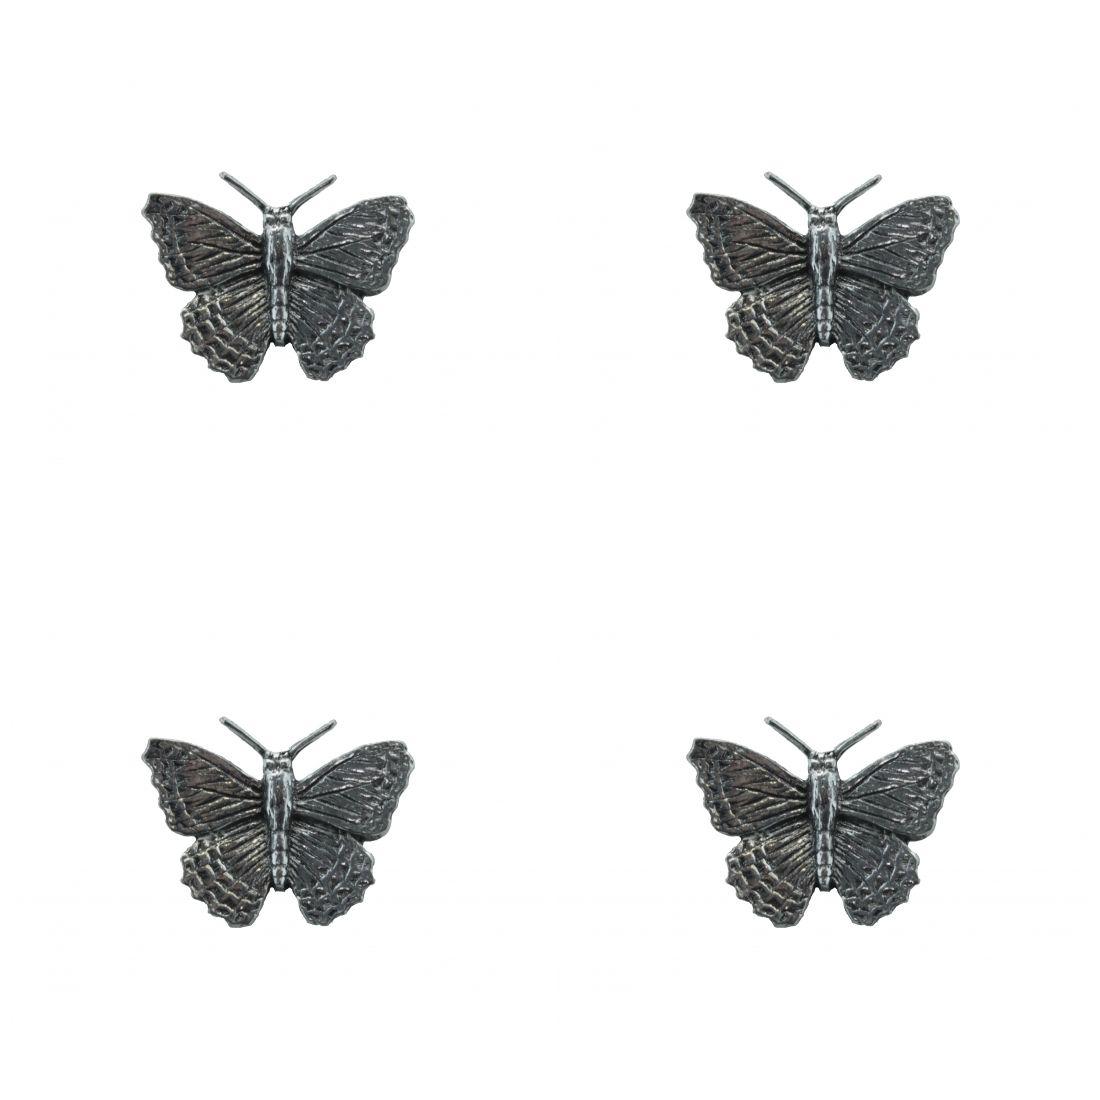 4 x Pin Anstecker Badge Schmetterling klein, 2,5x2,cm